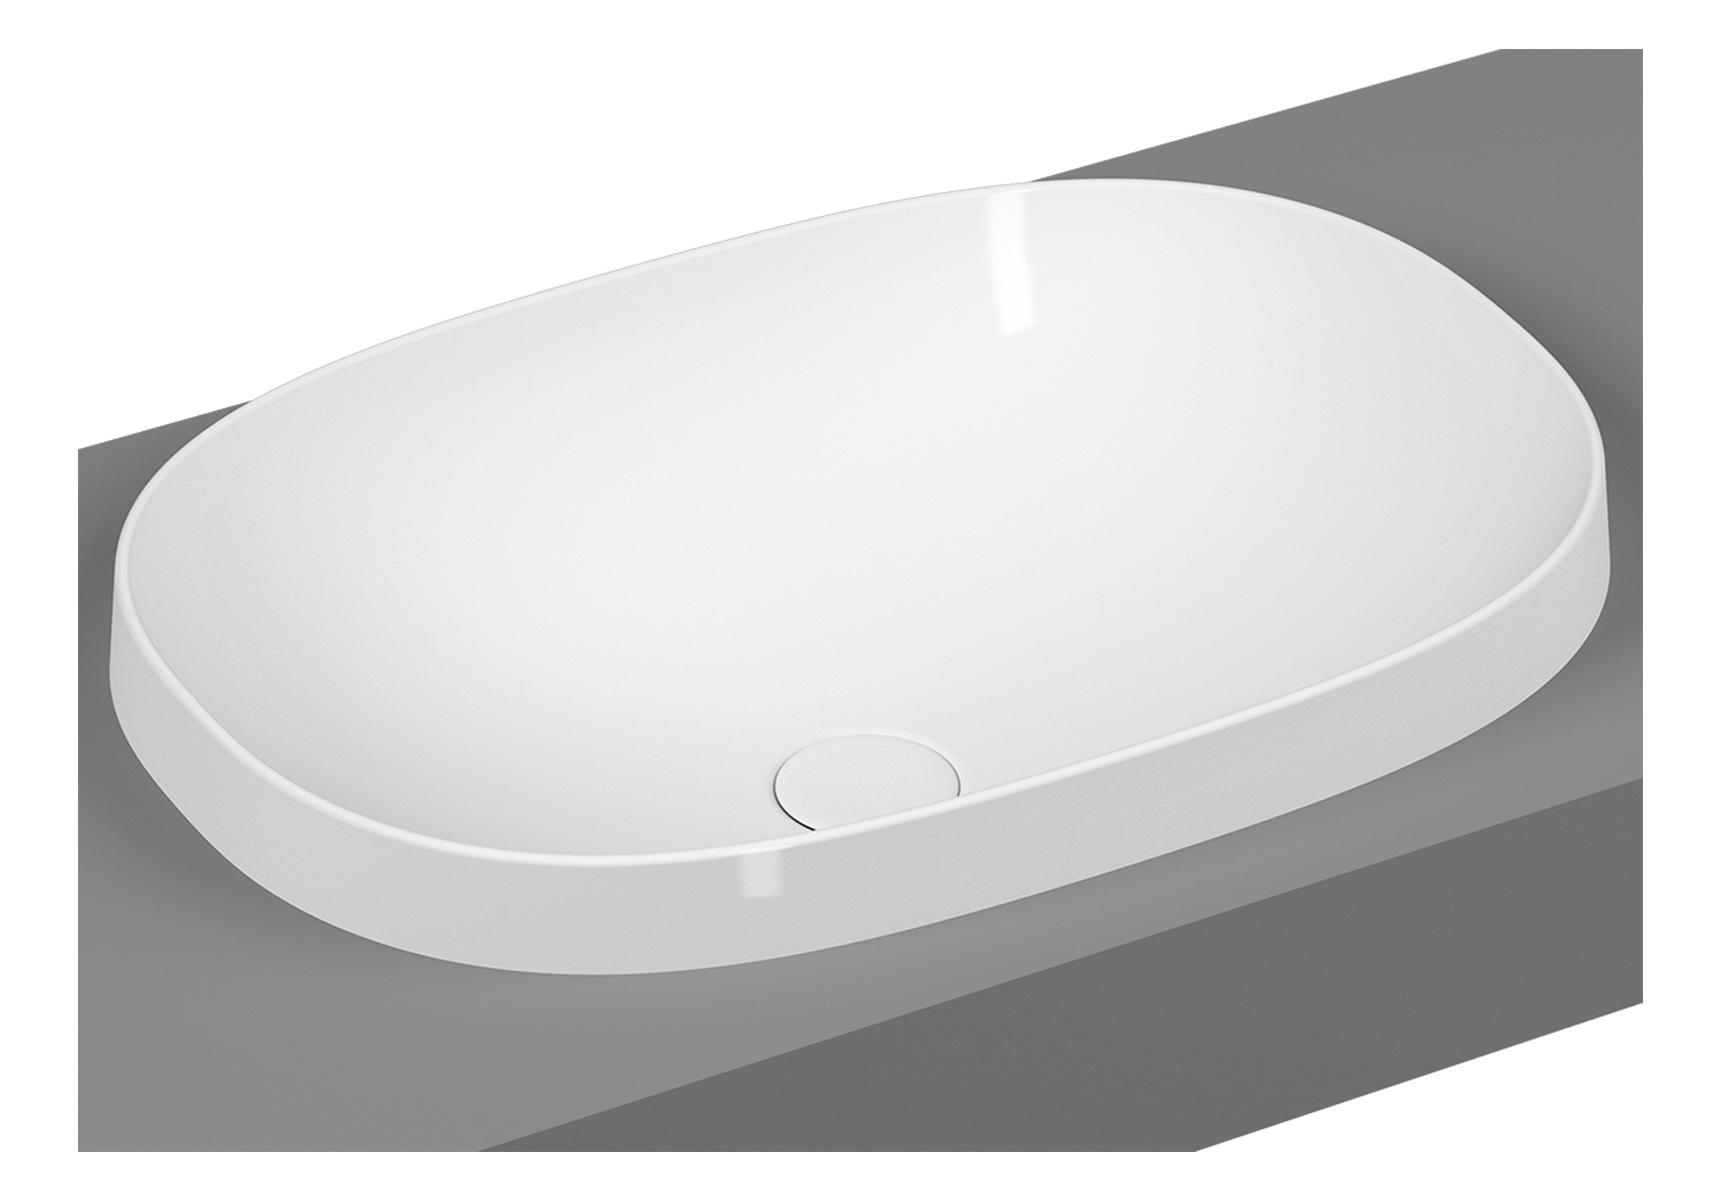 Frame vasque encastrée, ovale, 56 cm, sans plage de robinetterie, sans trop-plein, blanc brillant